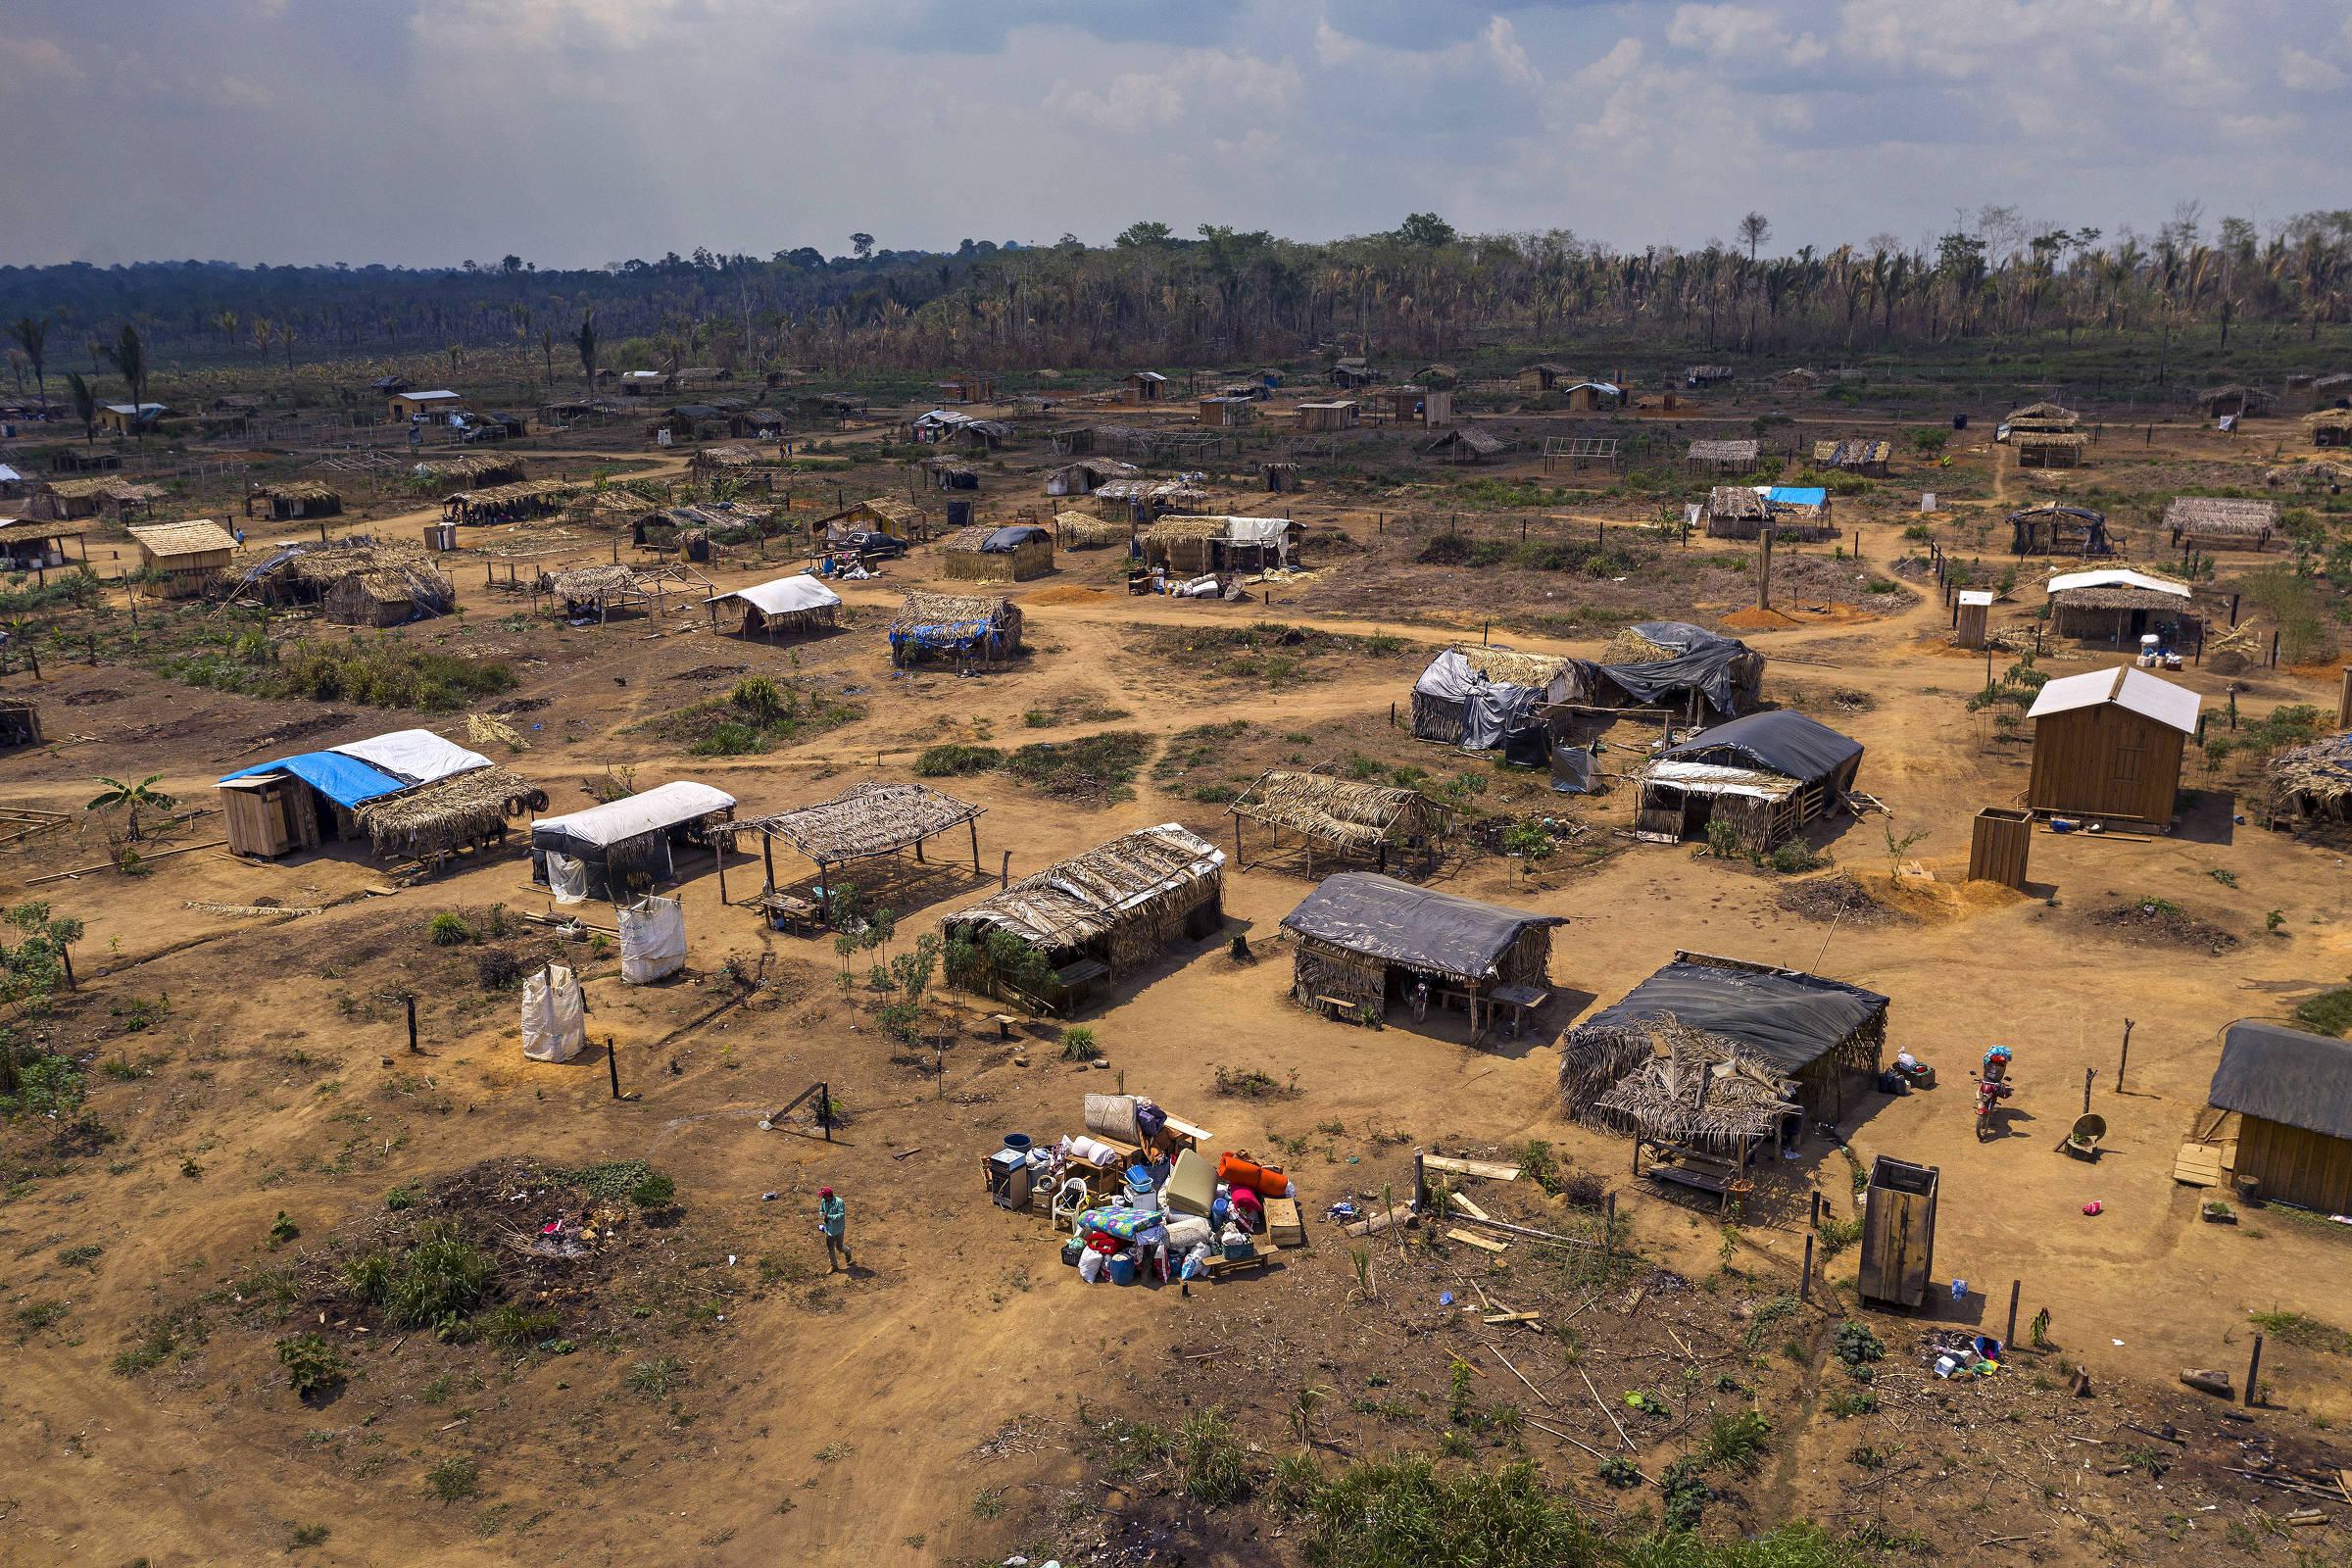 Vista aérea do acampamento Boa Esperança, que foi erguido no ano passado pelas famílias que foram retiradas de uma área invadida dentro da Floresta Nacional Bom Futuro